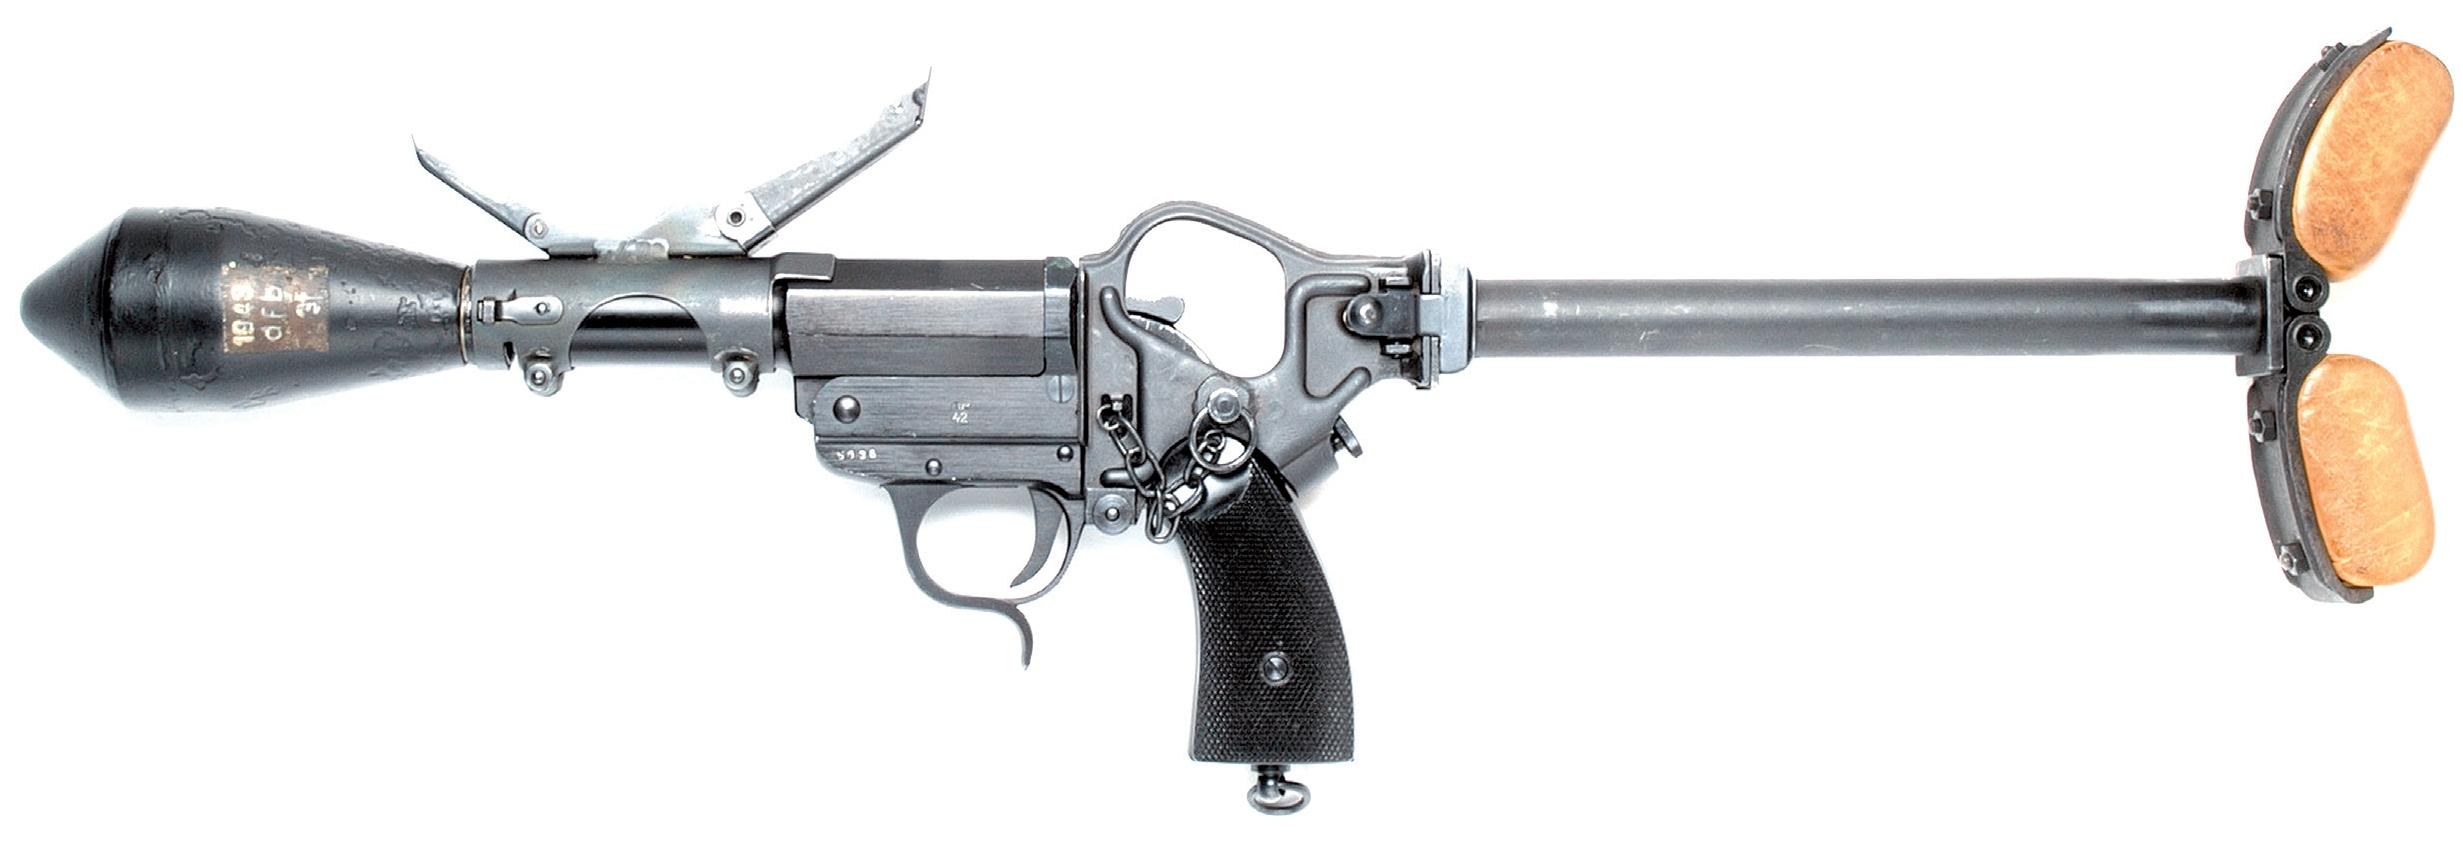 Sturmpistole en position d'utilisation, crosse et éléments de visée dépliés (photo tirée de l'ouvrage Signalpistolen der Welt, tome 1).